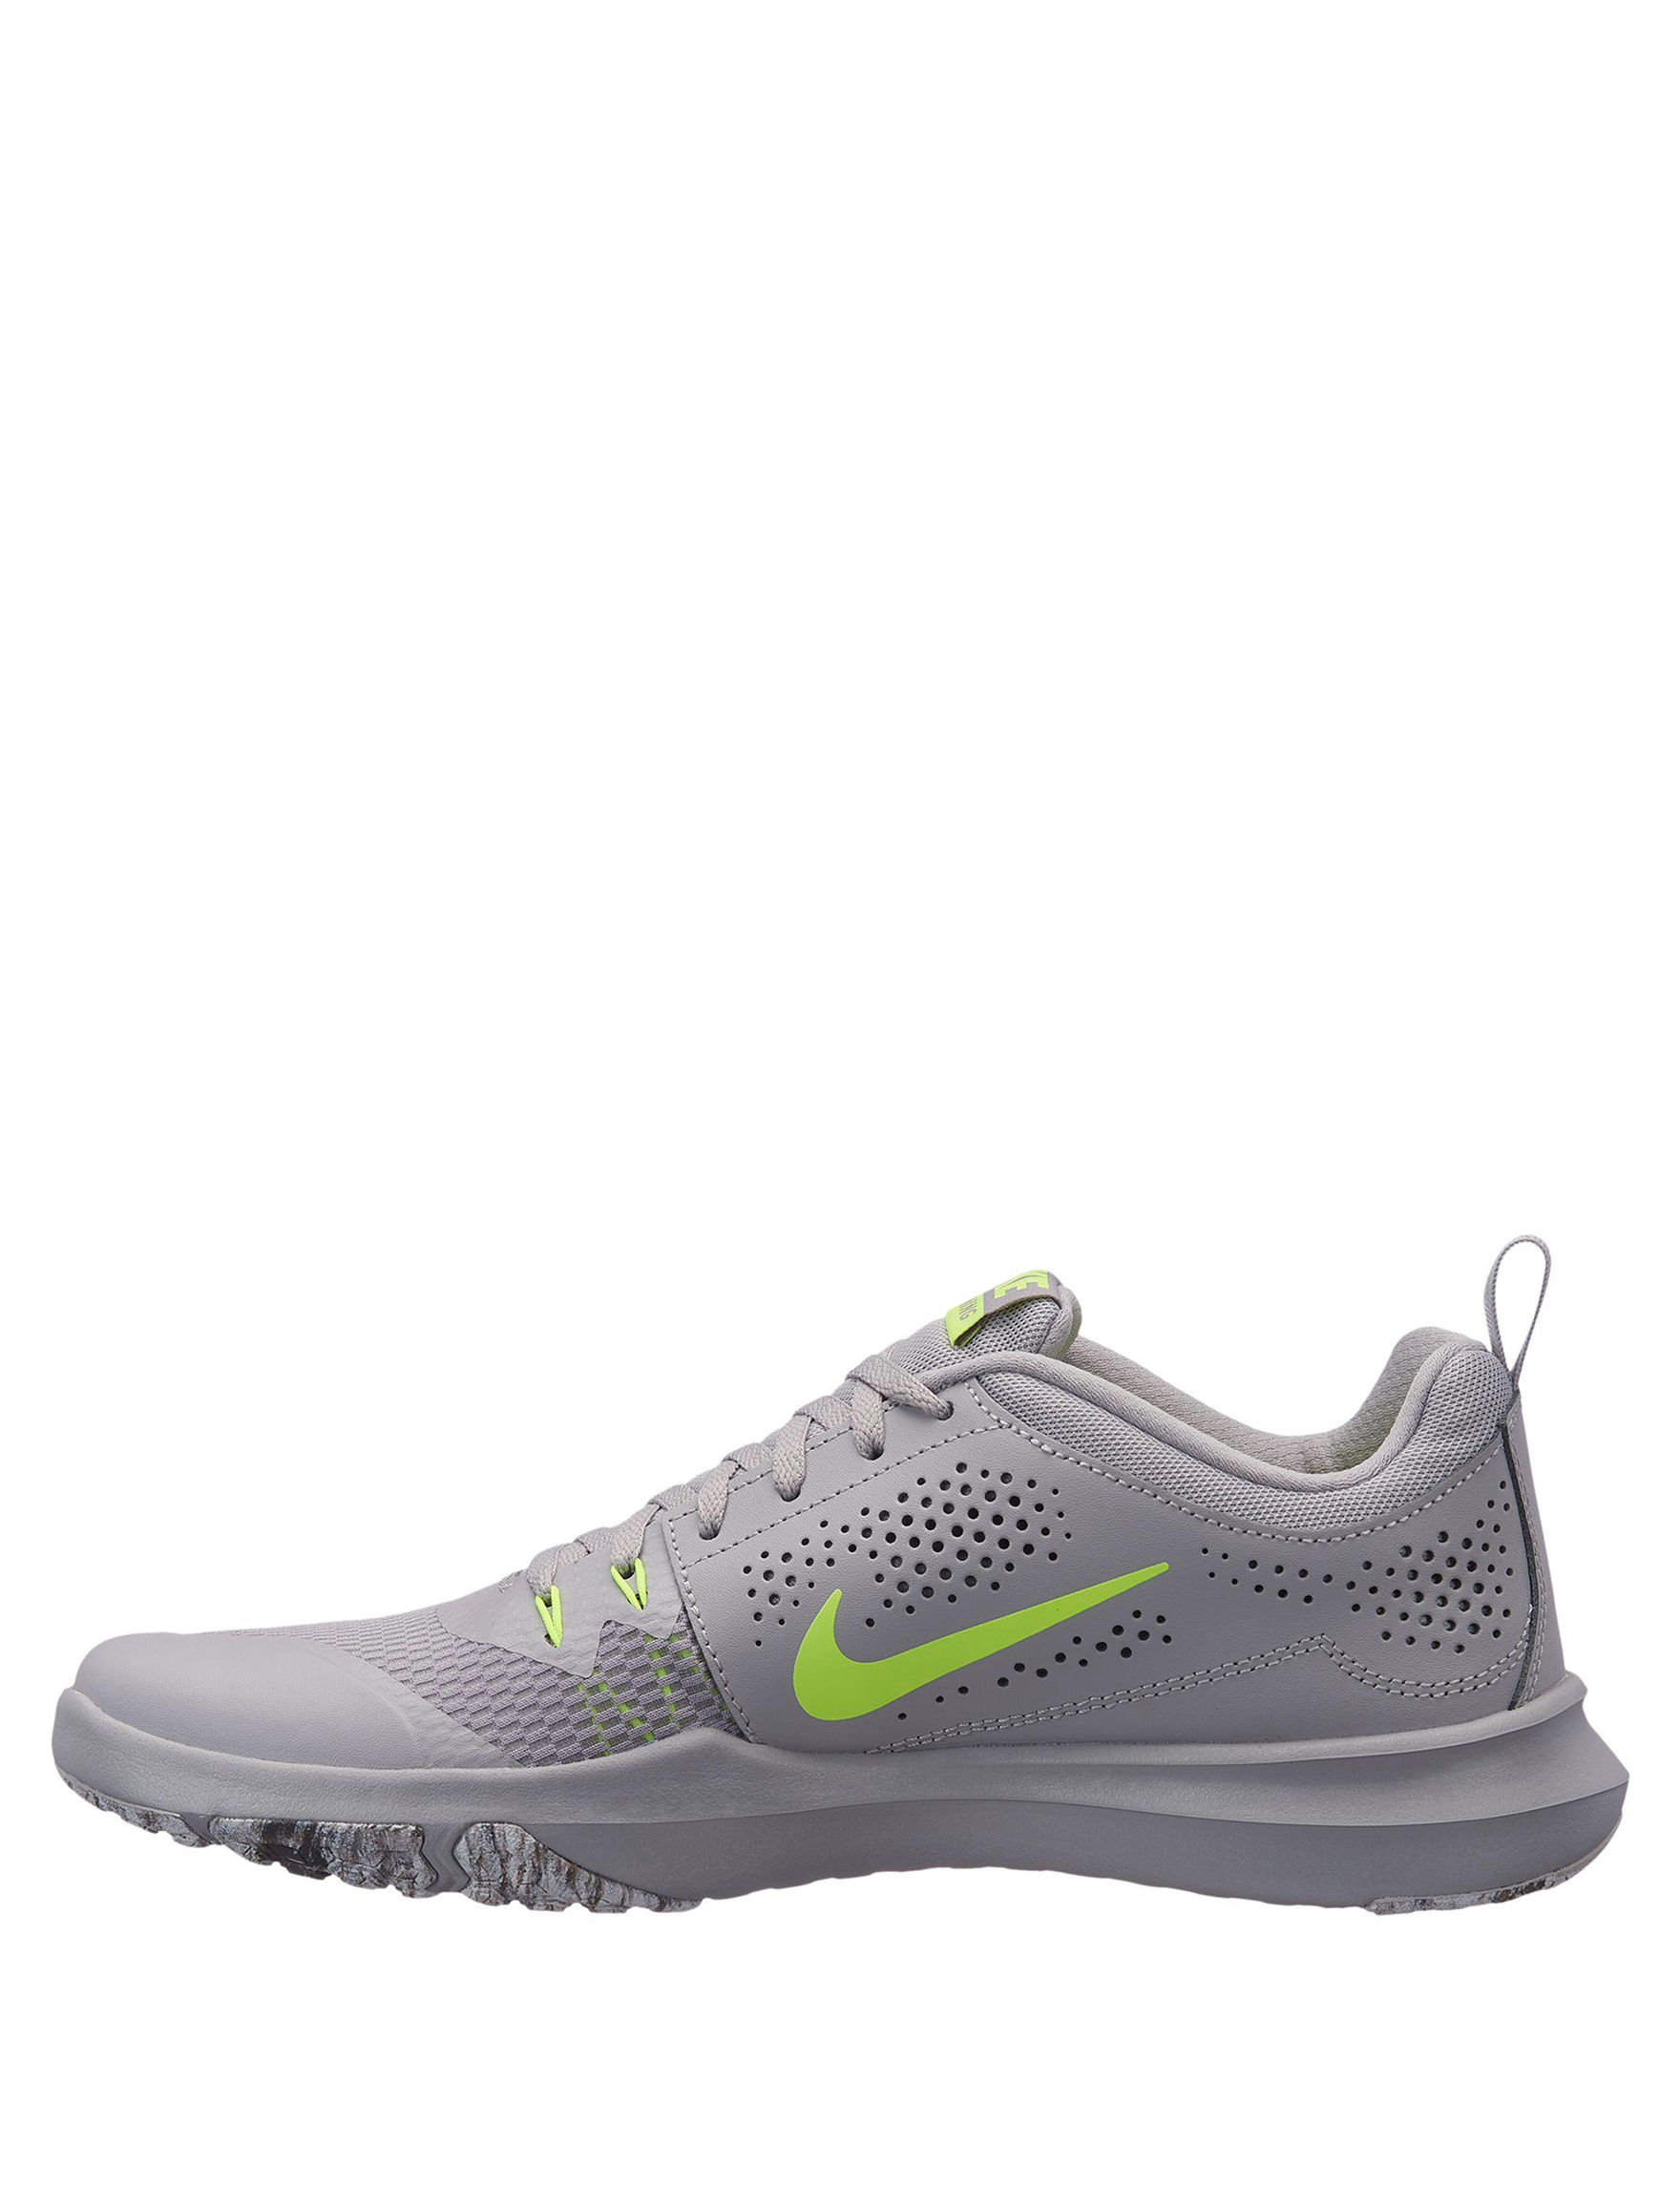 7ca79bd5d0e69 Nike Men s Legend Trainer Training Shoes